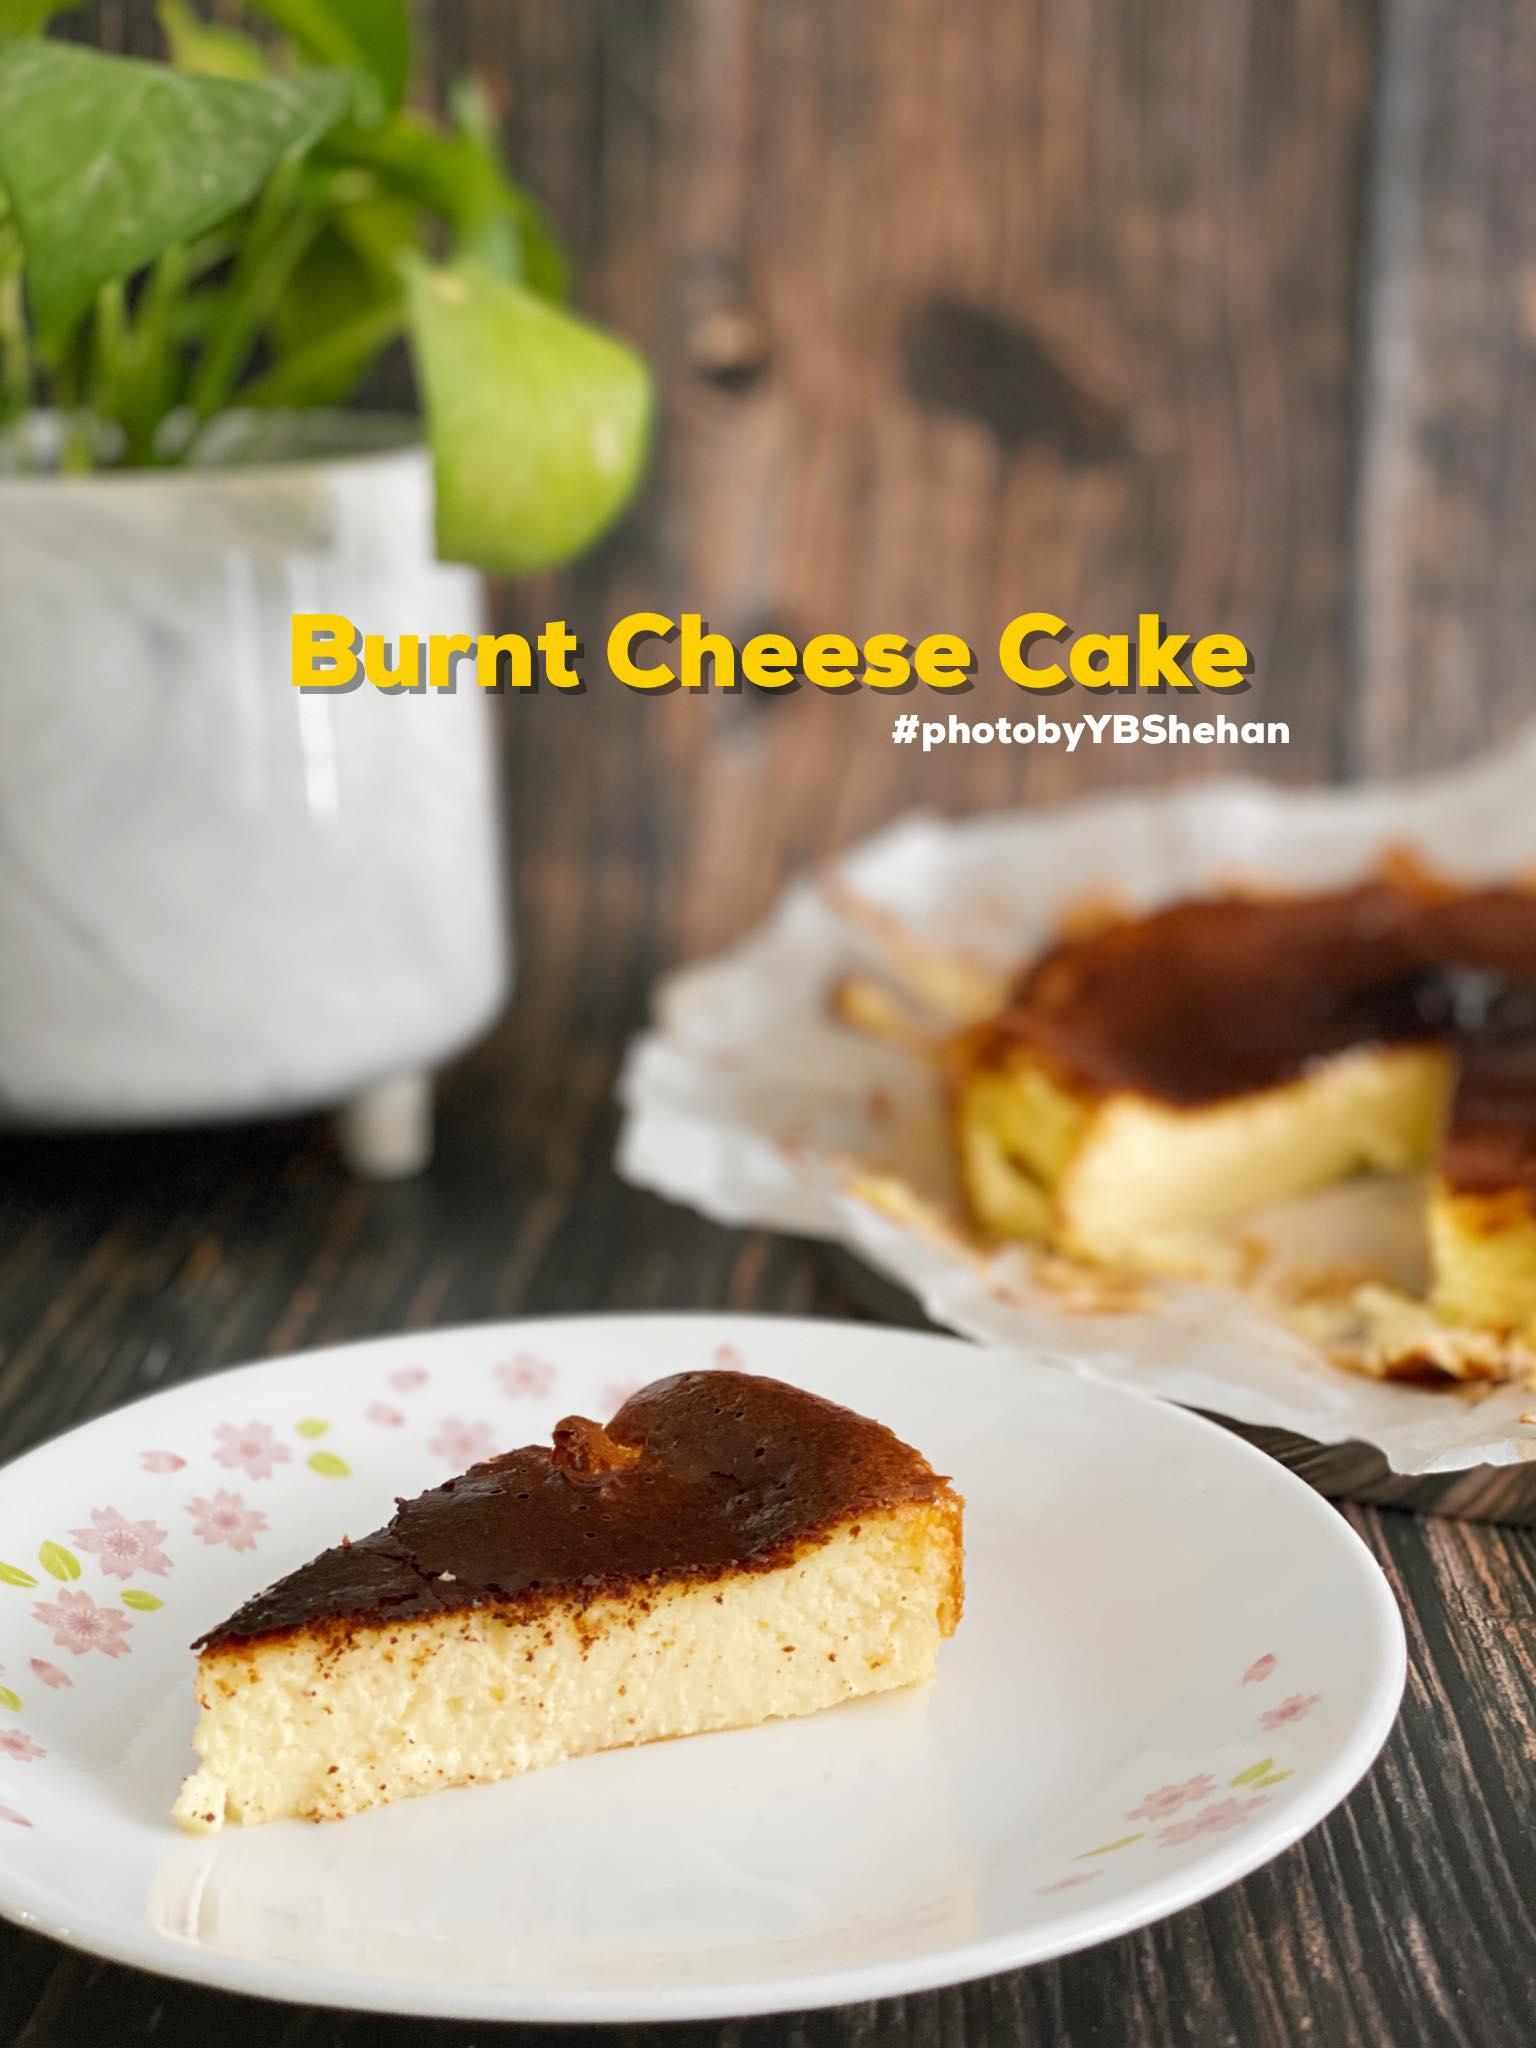 RESIPI BURNT CHEESE CAKE GUNA AIR FRYER PALING MUDAH DAN CEPAT